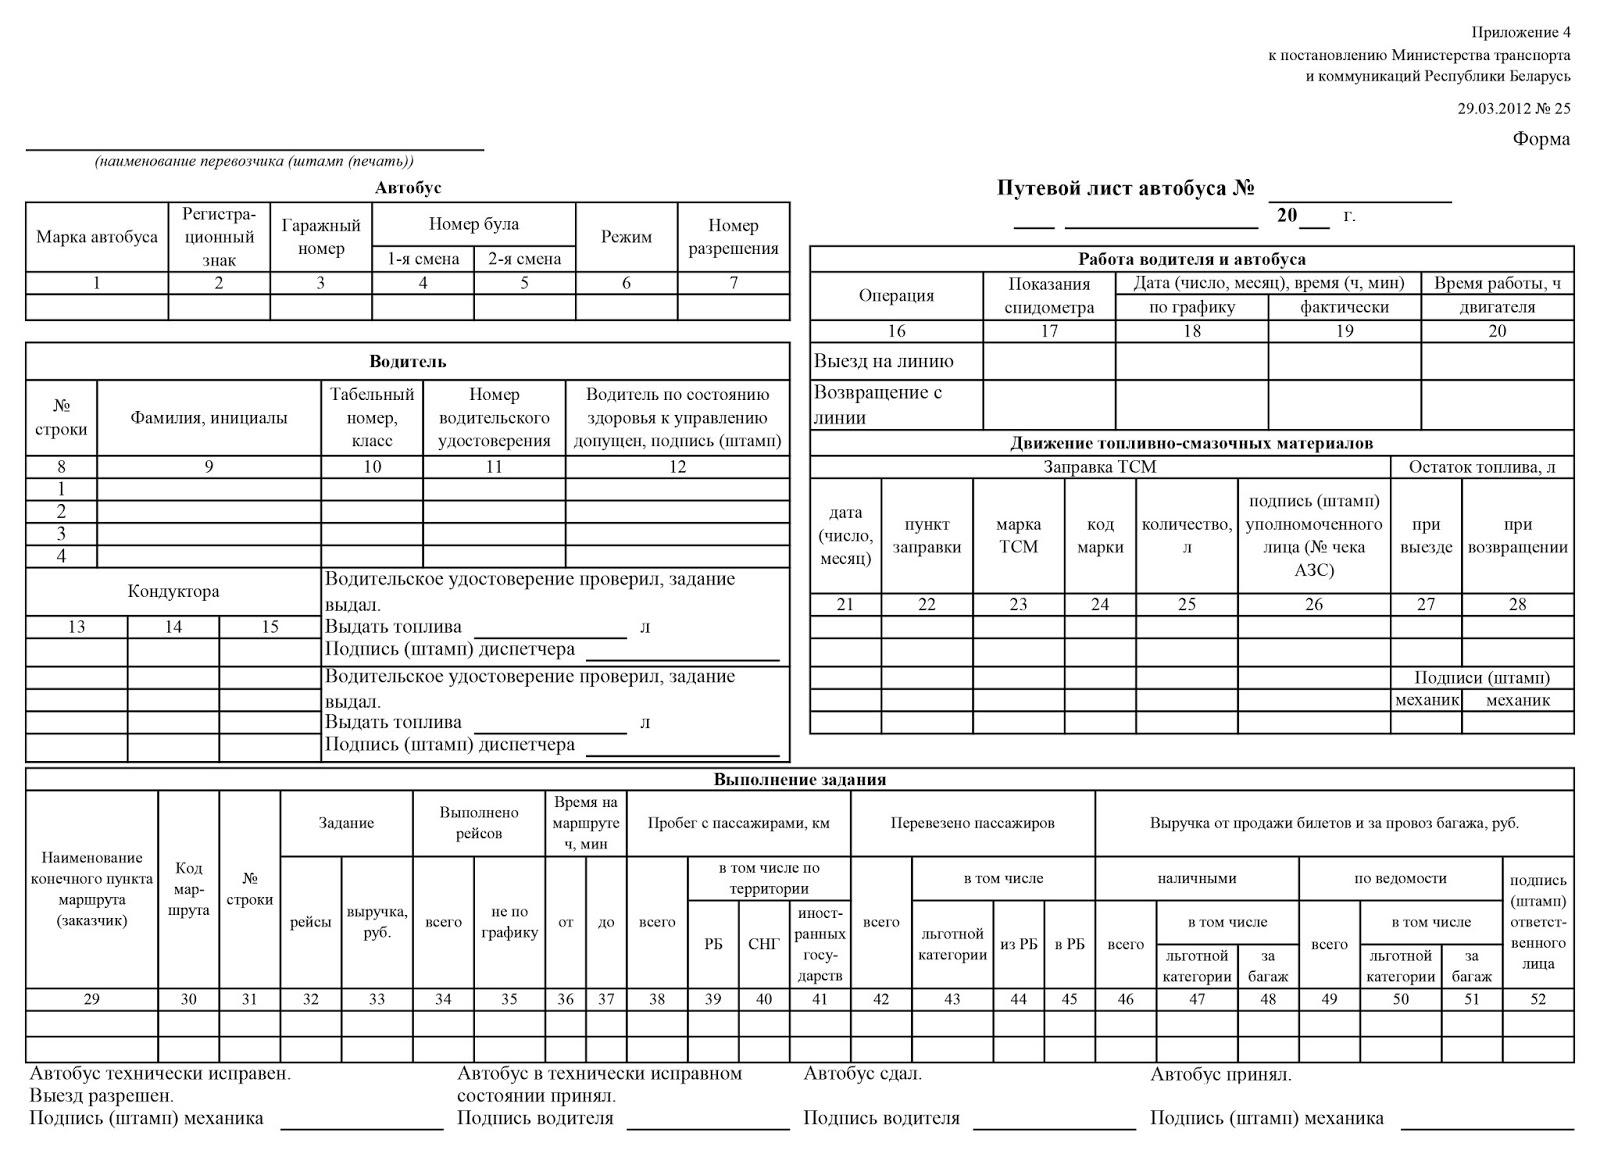 Программу для обработки путевых листов